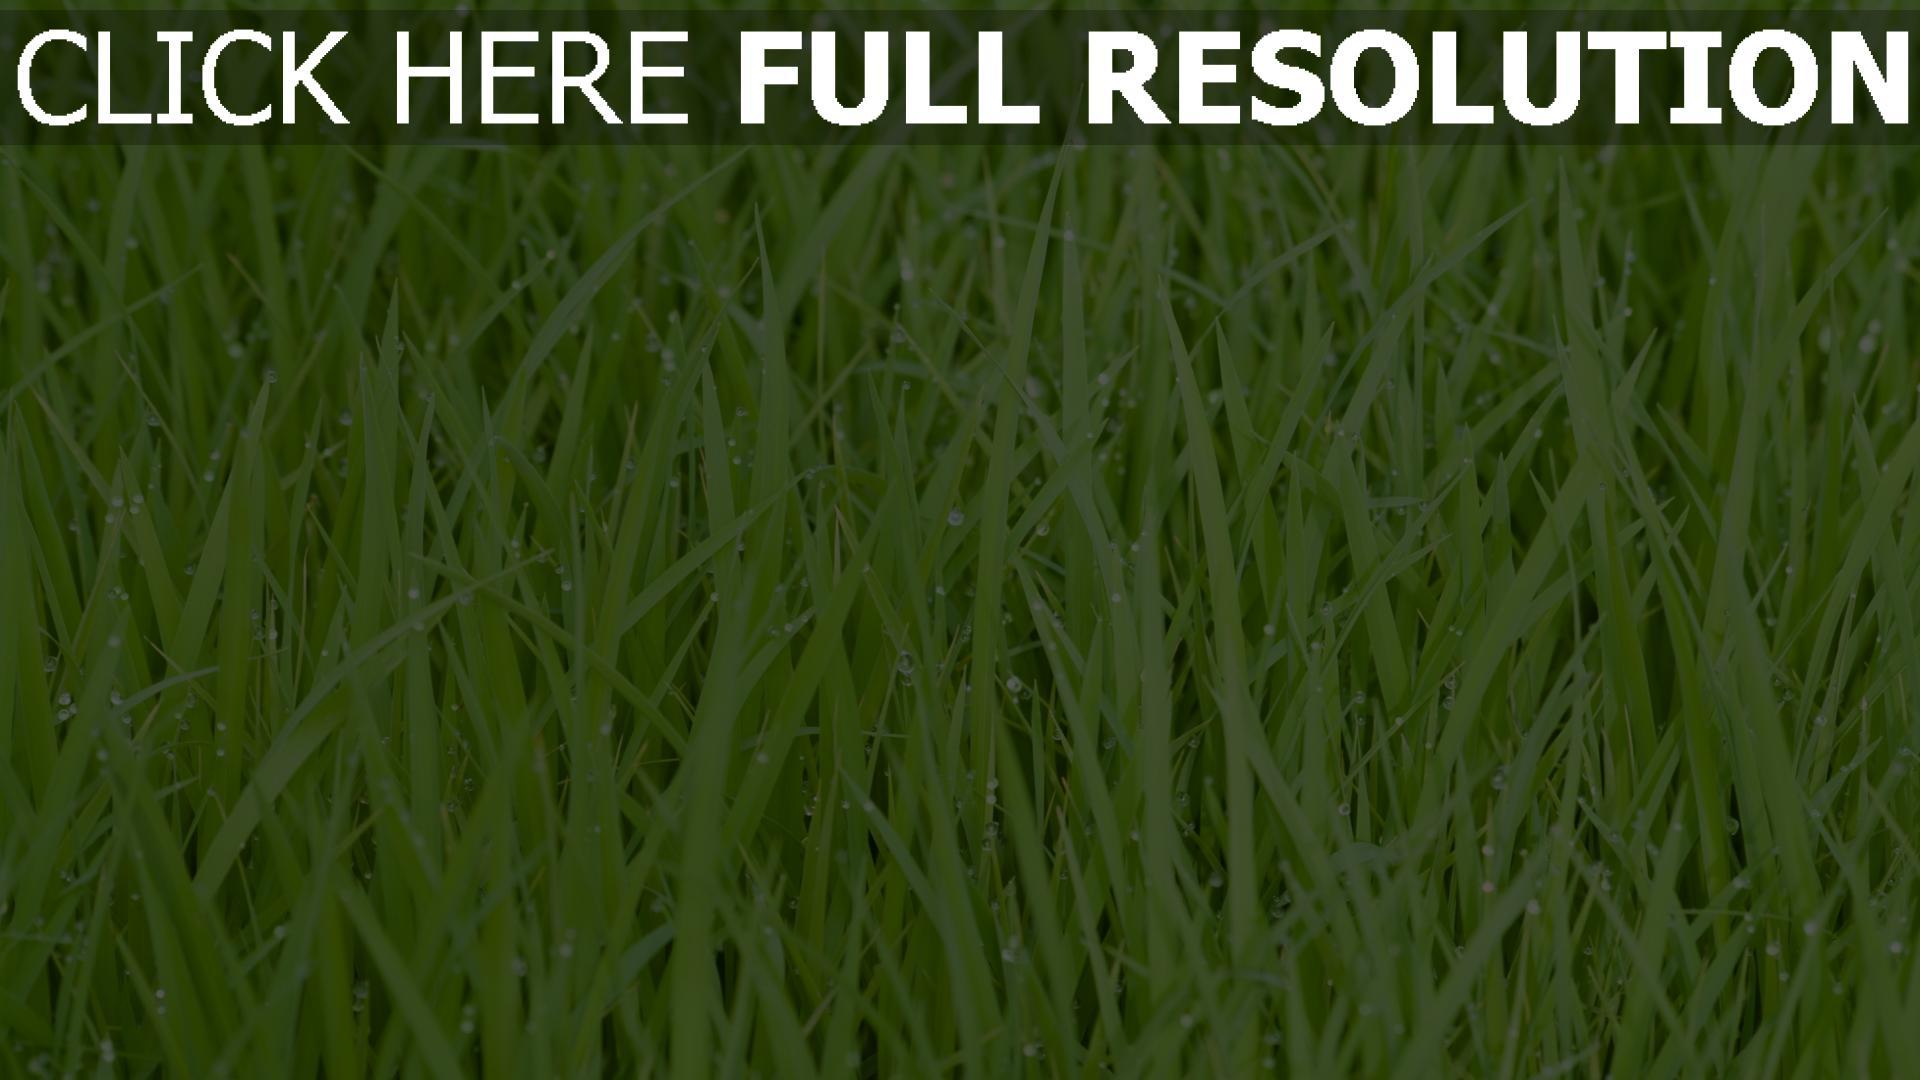 hd hintergrundbilder gras tropfen tau grün wasser 1920x1080